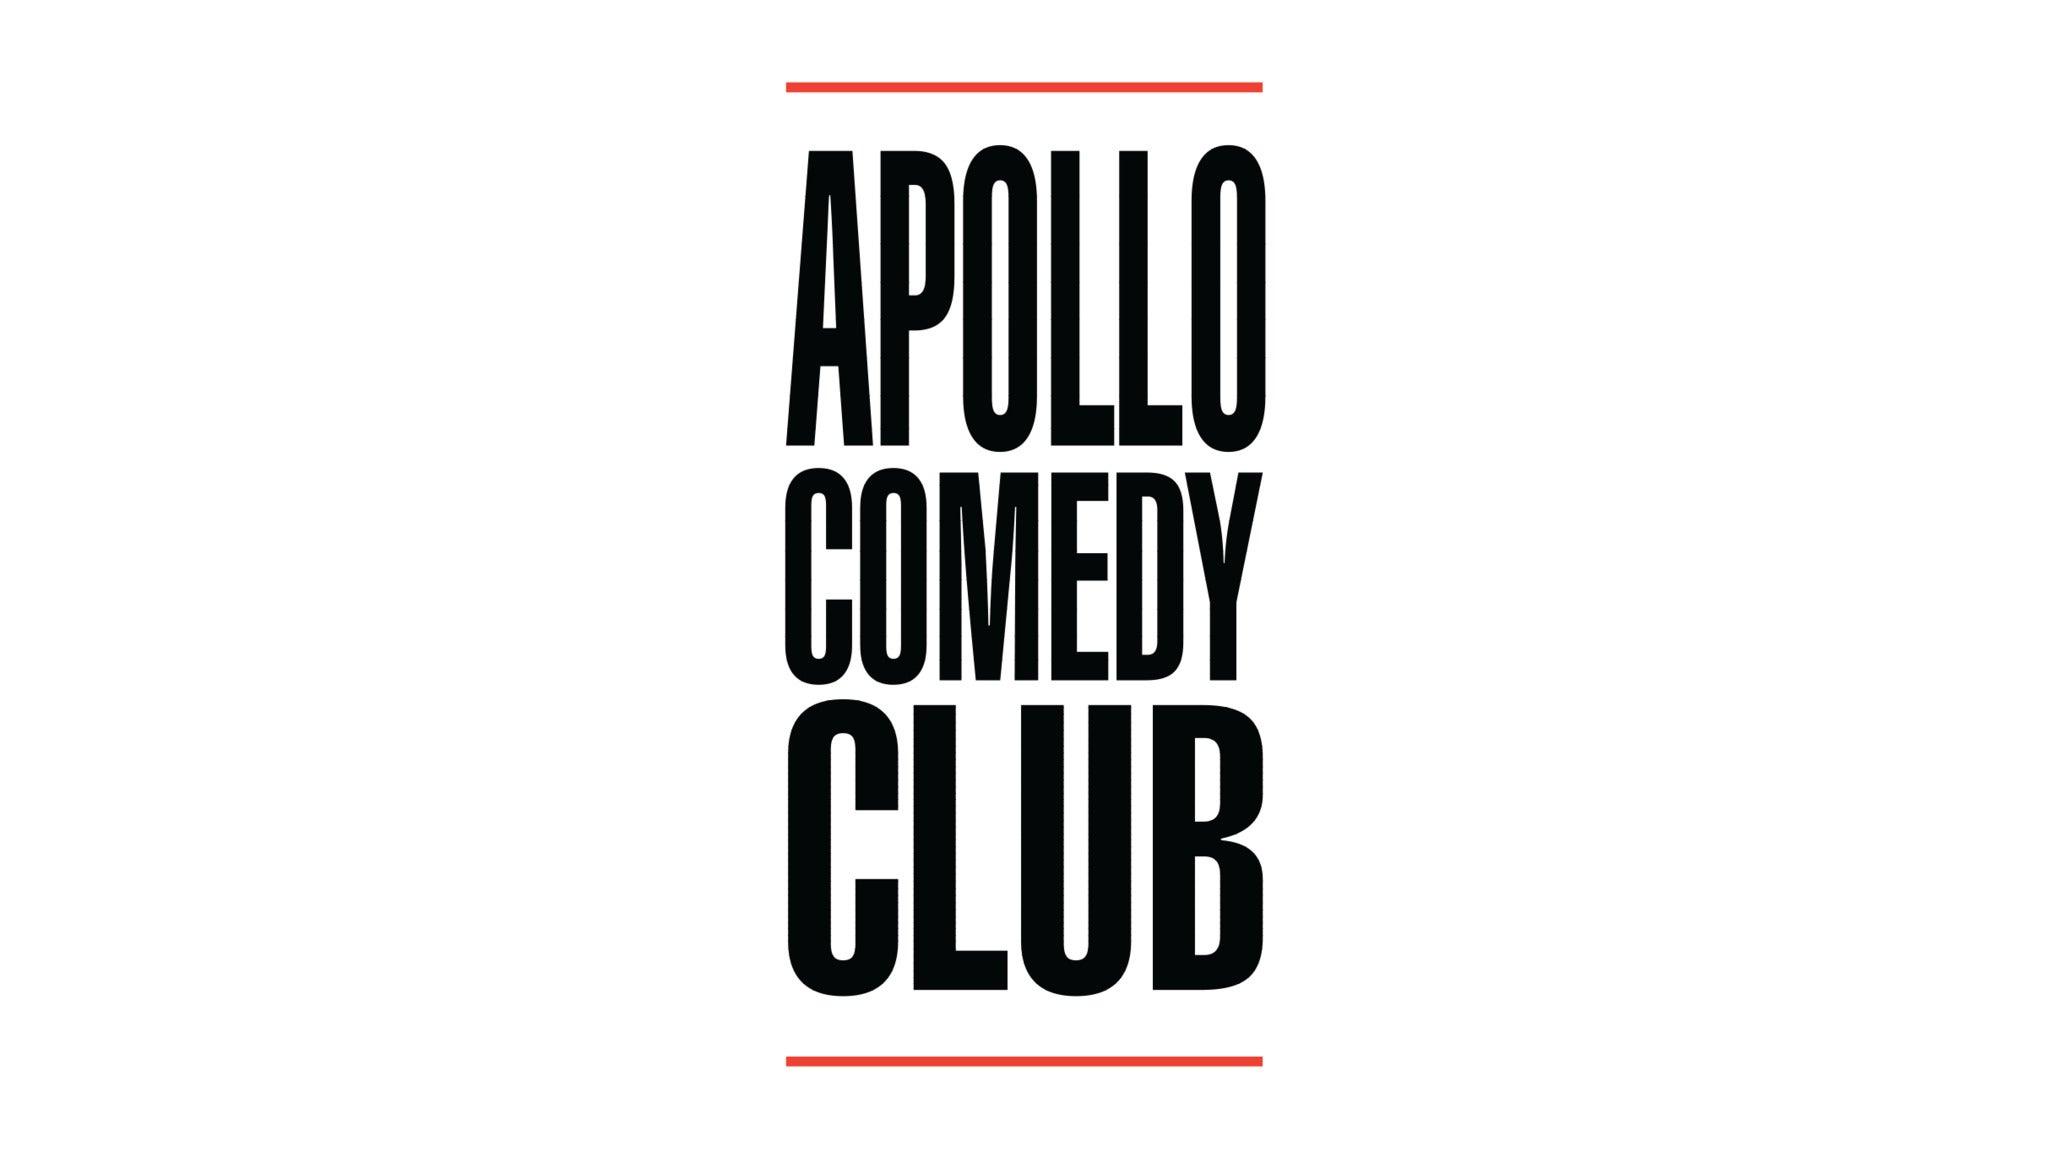 Apollo Comedy Club